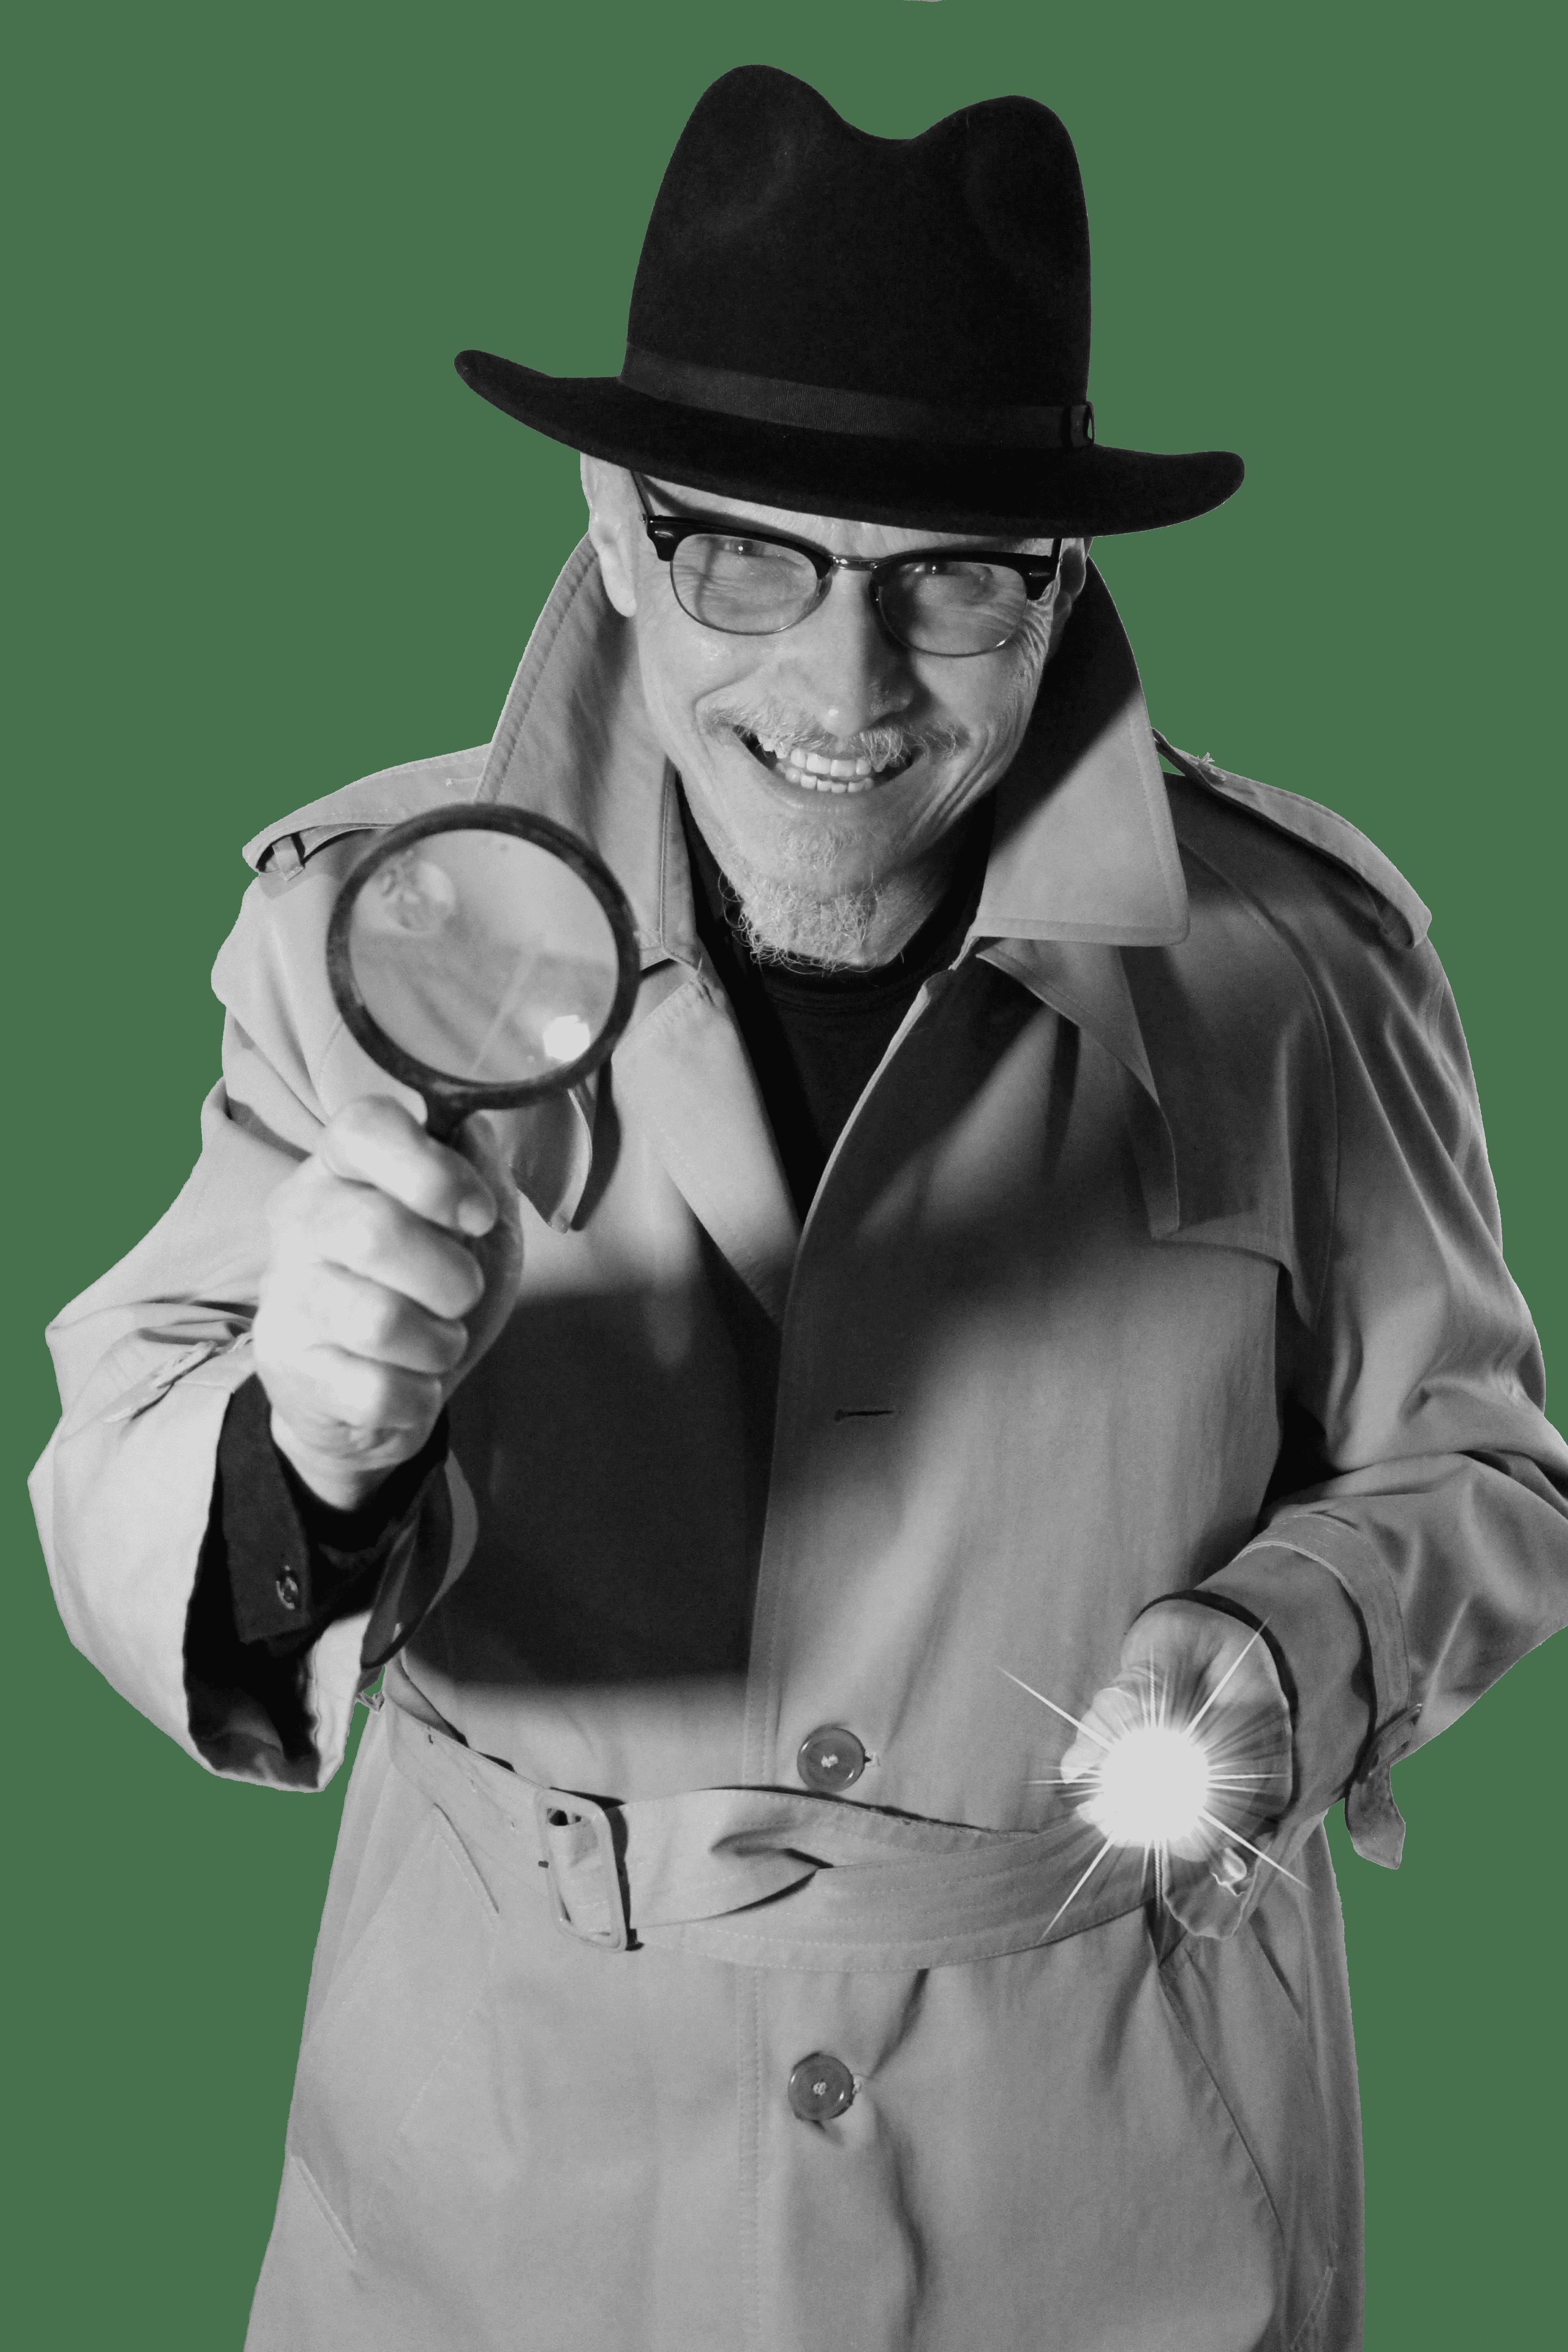 Chimney Detective Bob